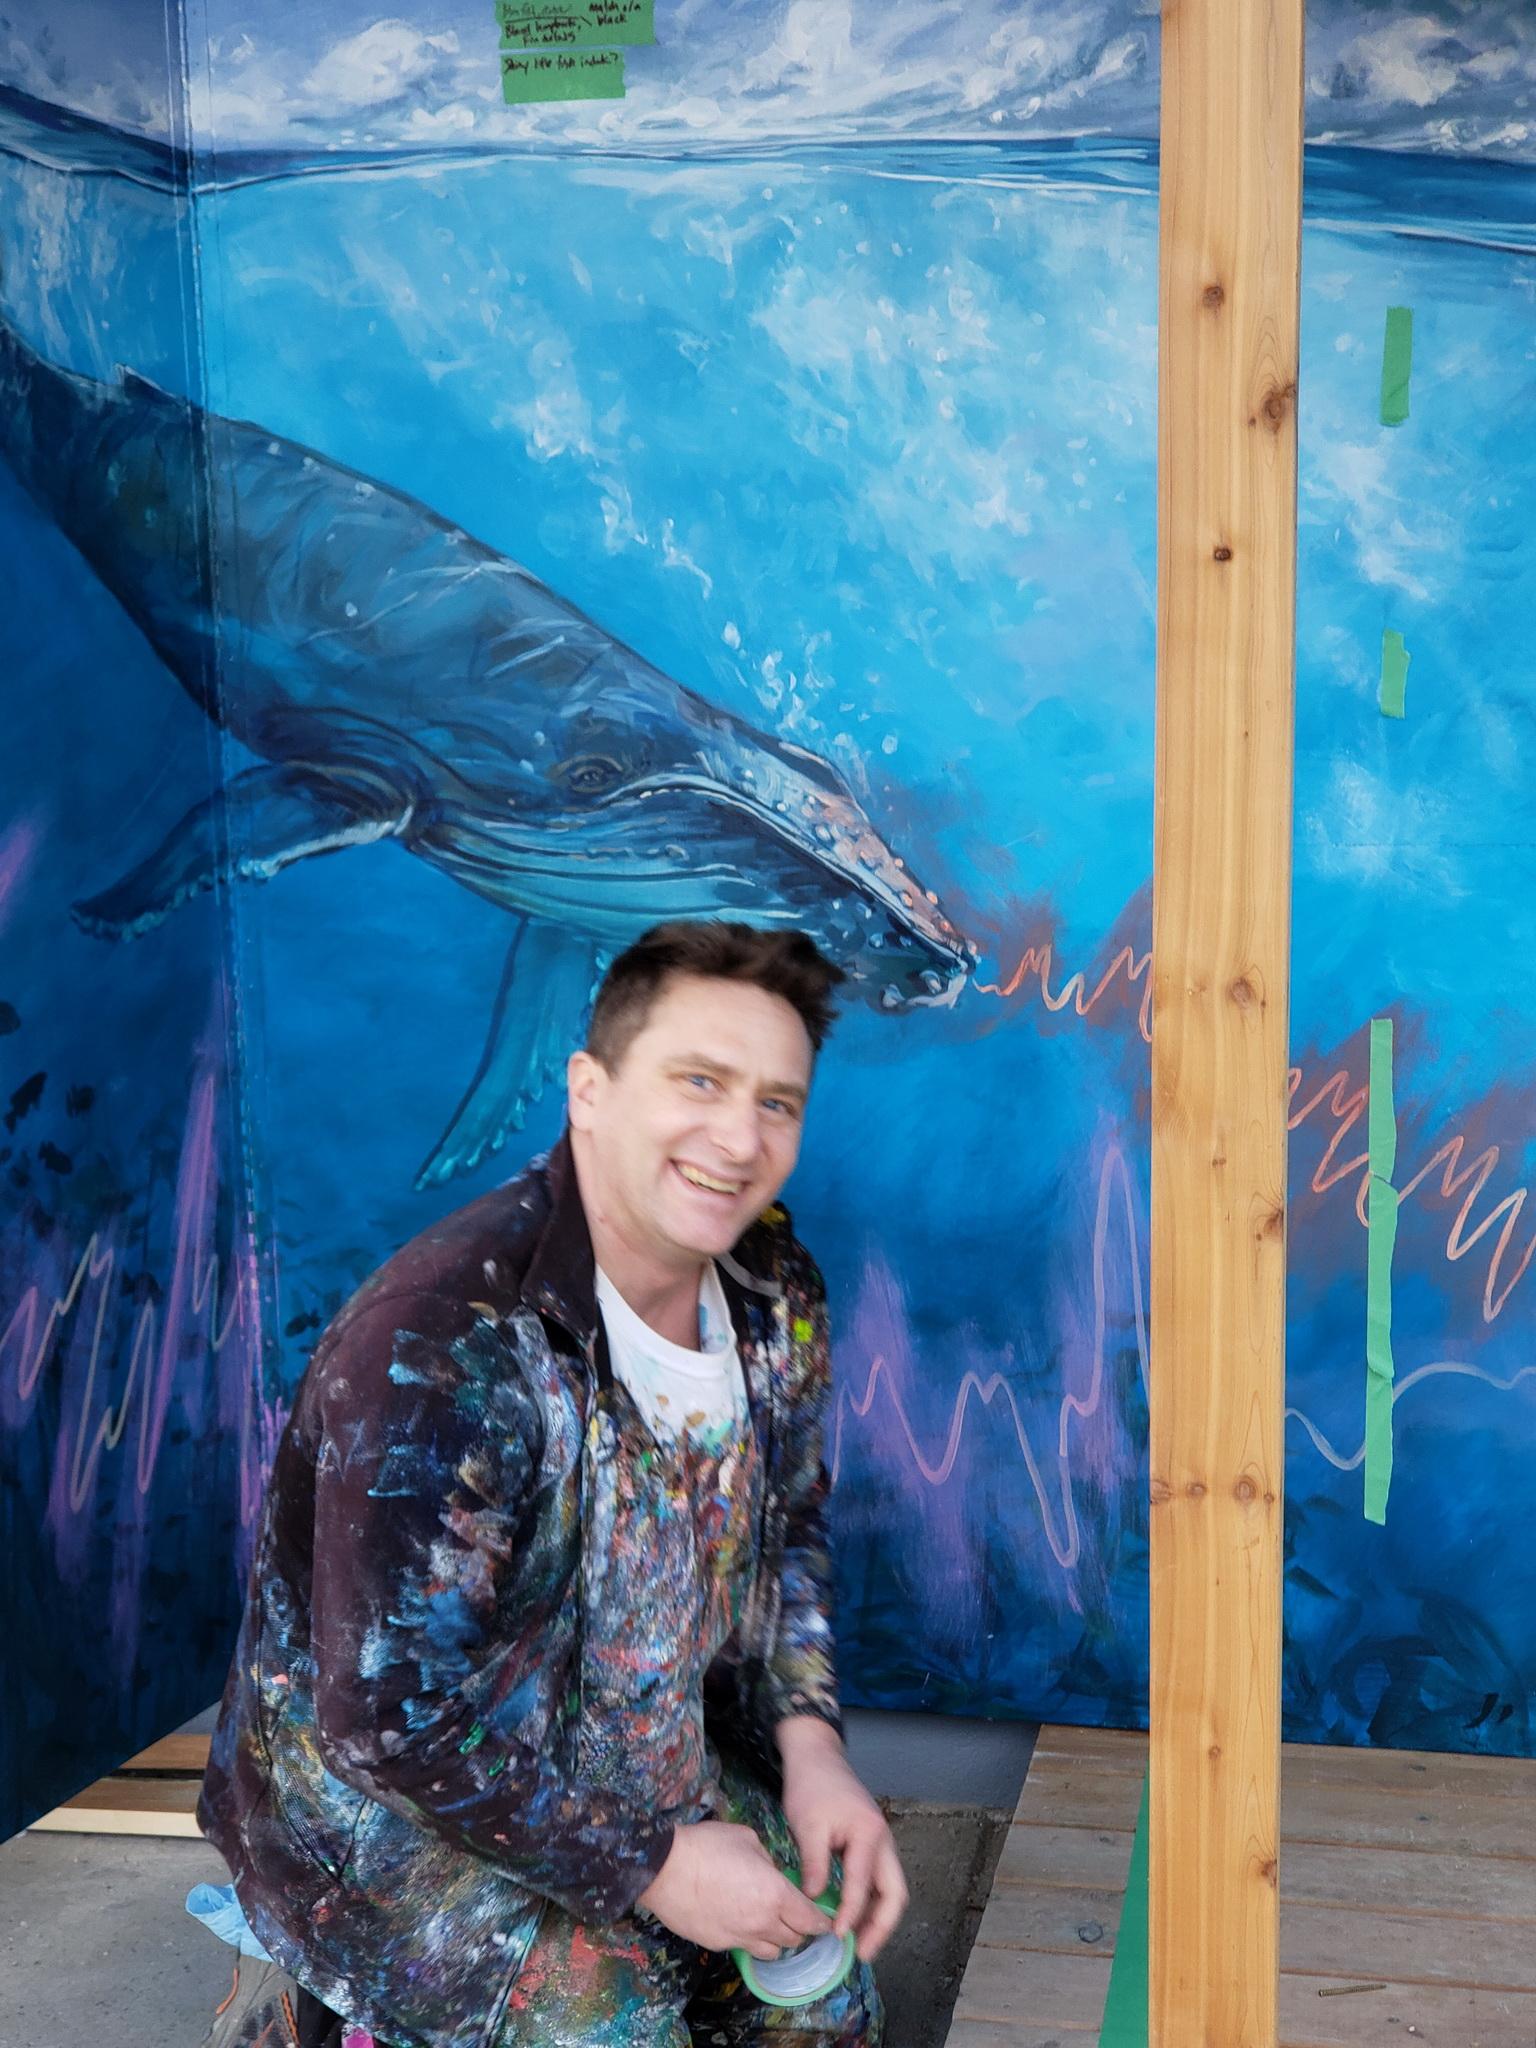 The artist, Kris Friesen, during construction (Feb. 22, 2020).